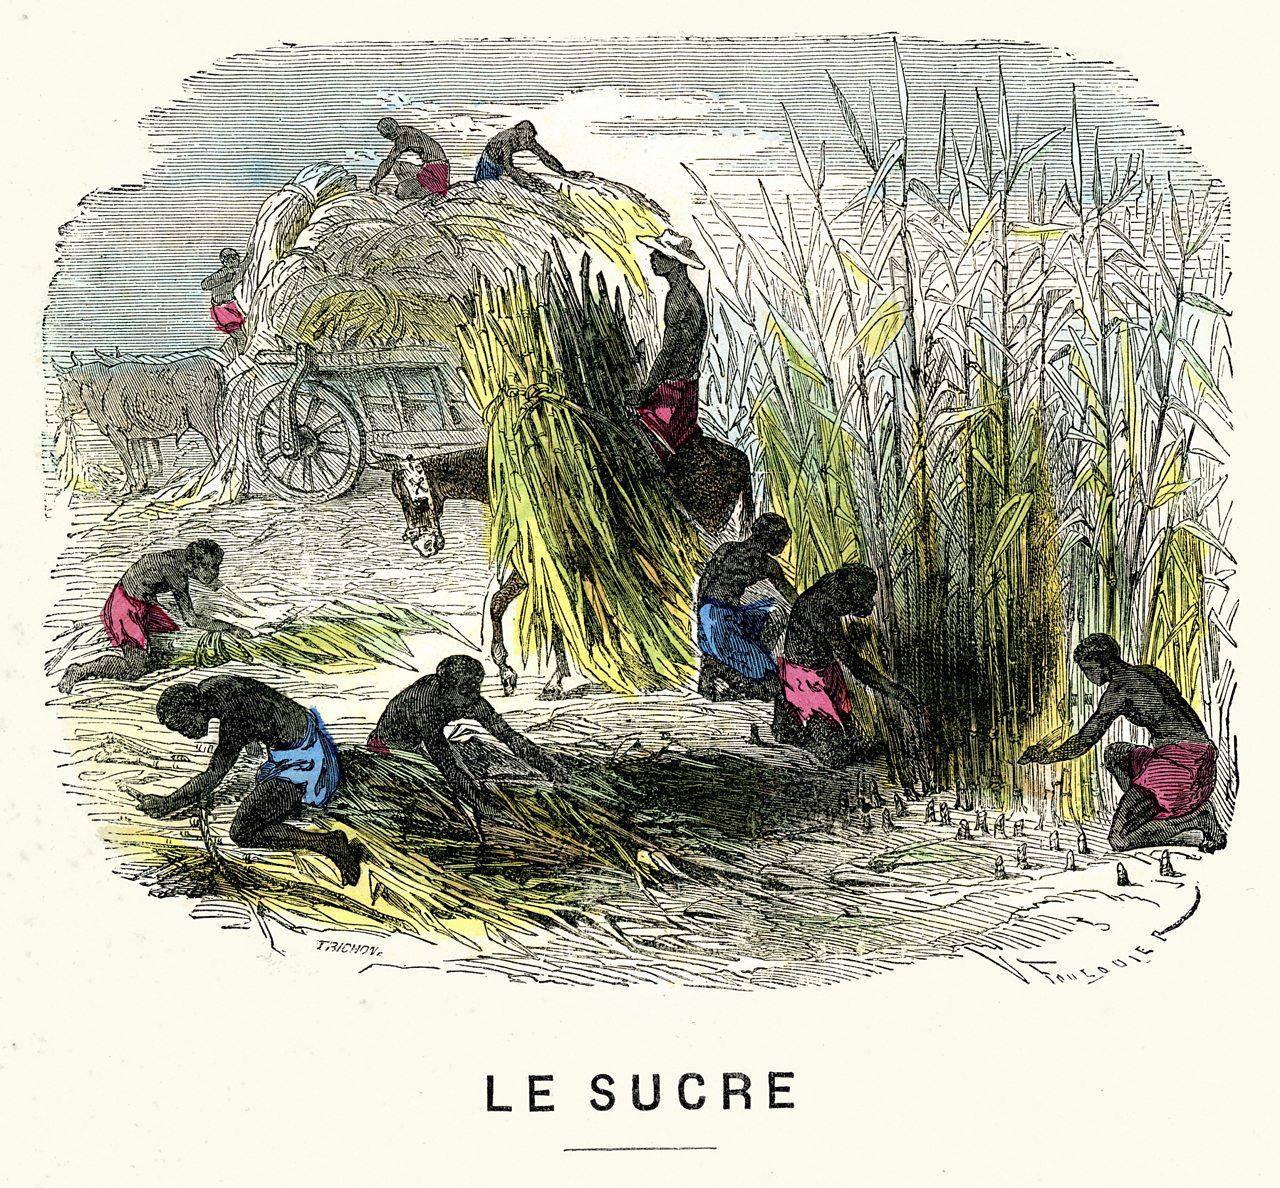 Illustration showing slaves harvesting sugar beet.